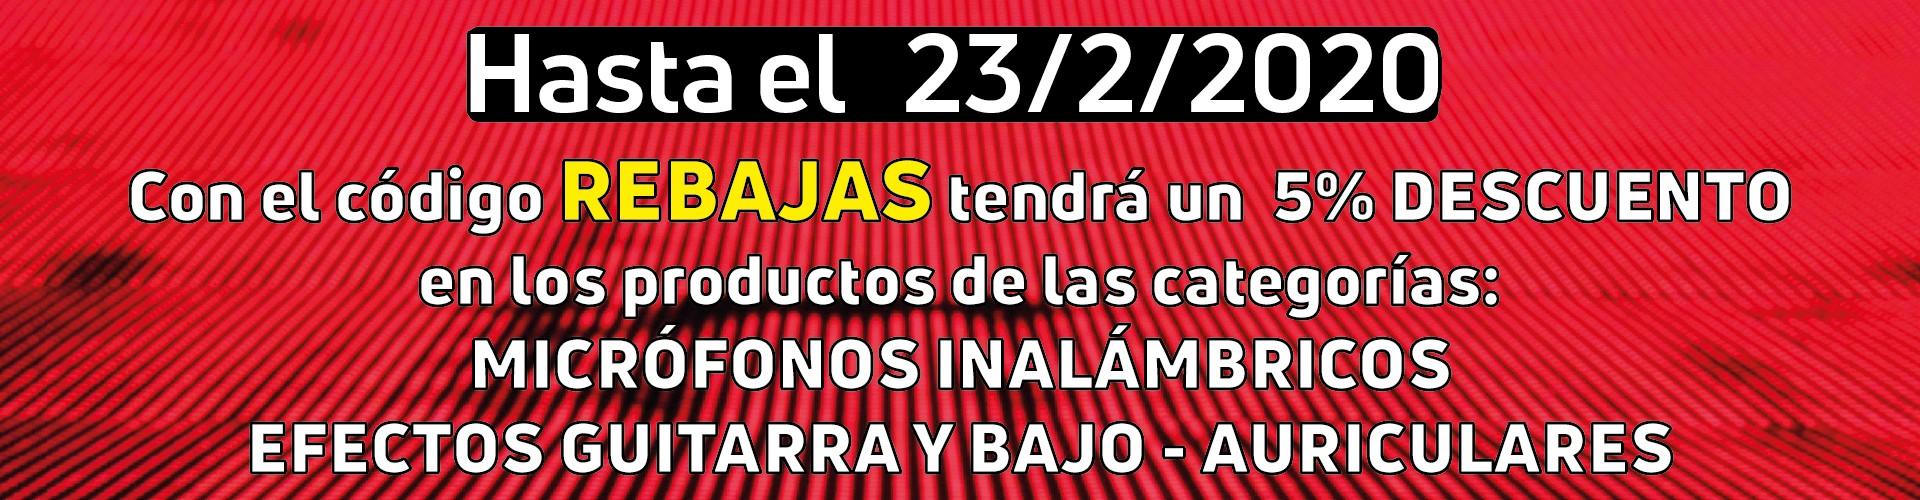 Rebajas 5% en las familias: Micrófonos inalámbricos / Efectos Guitarra y Bajo / Auriculares - hasta 23/02